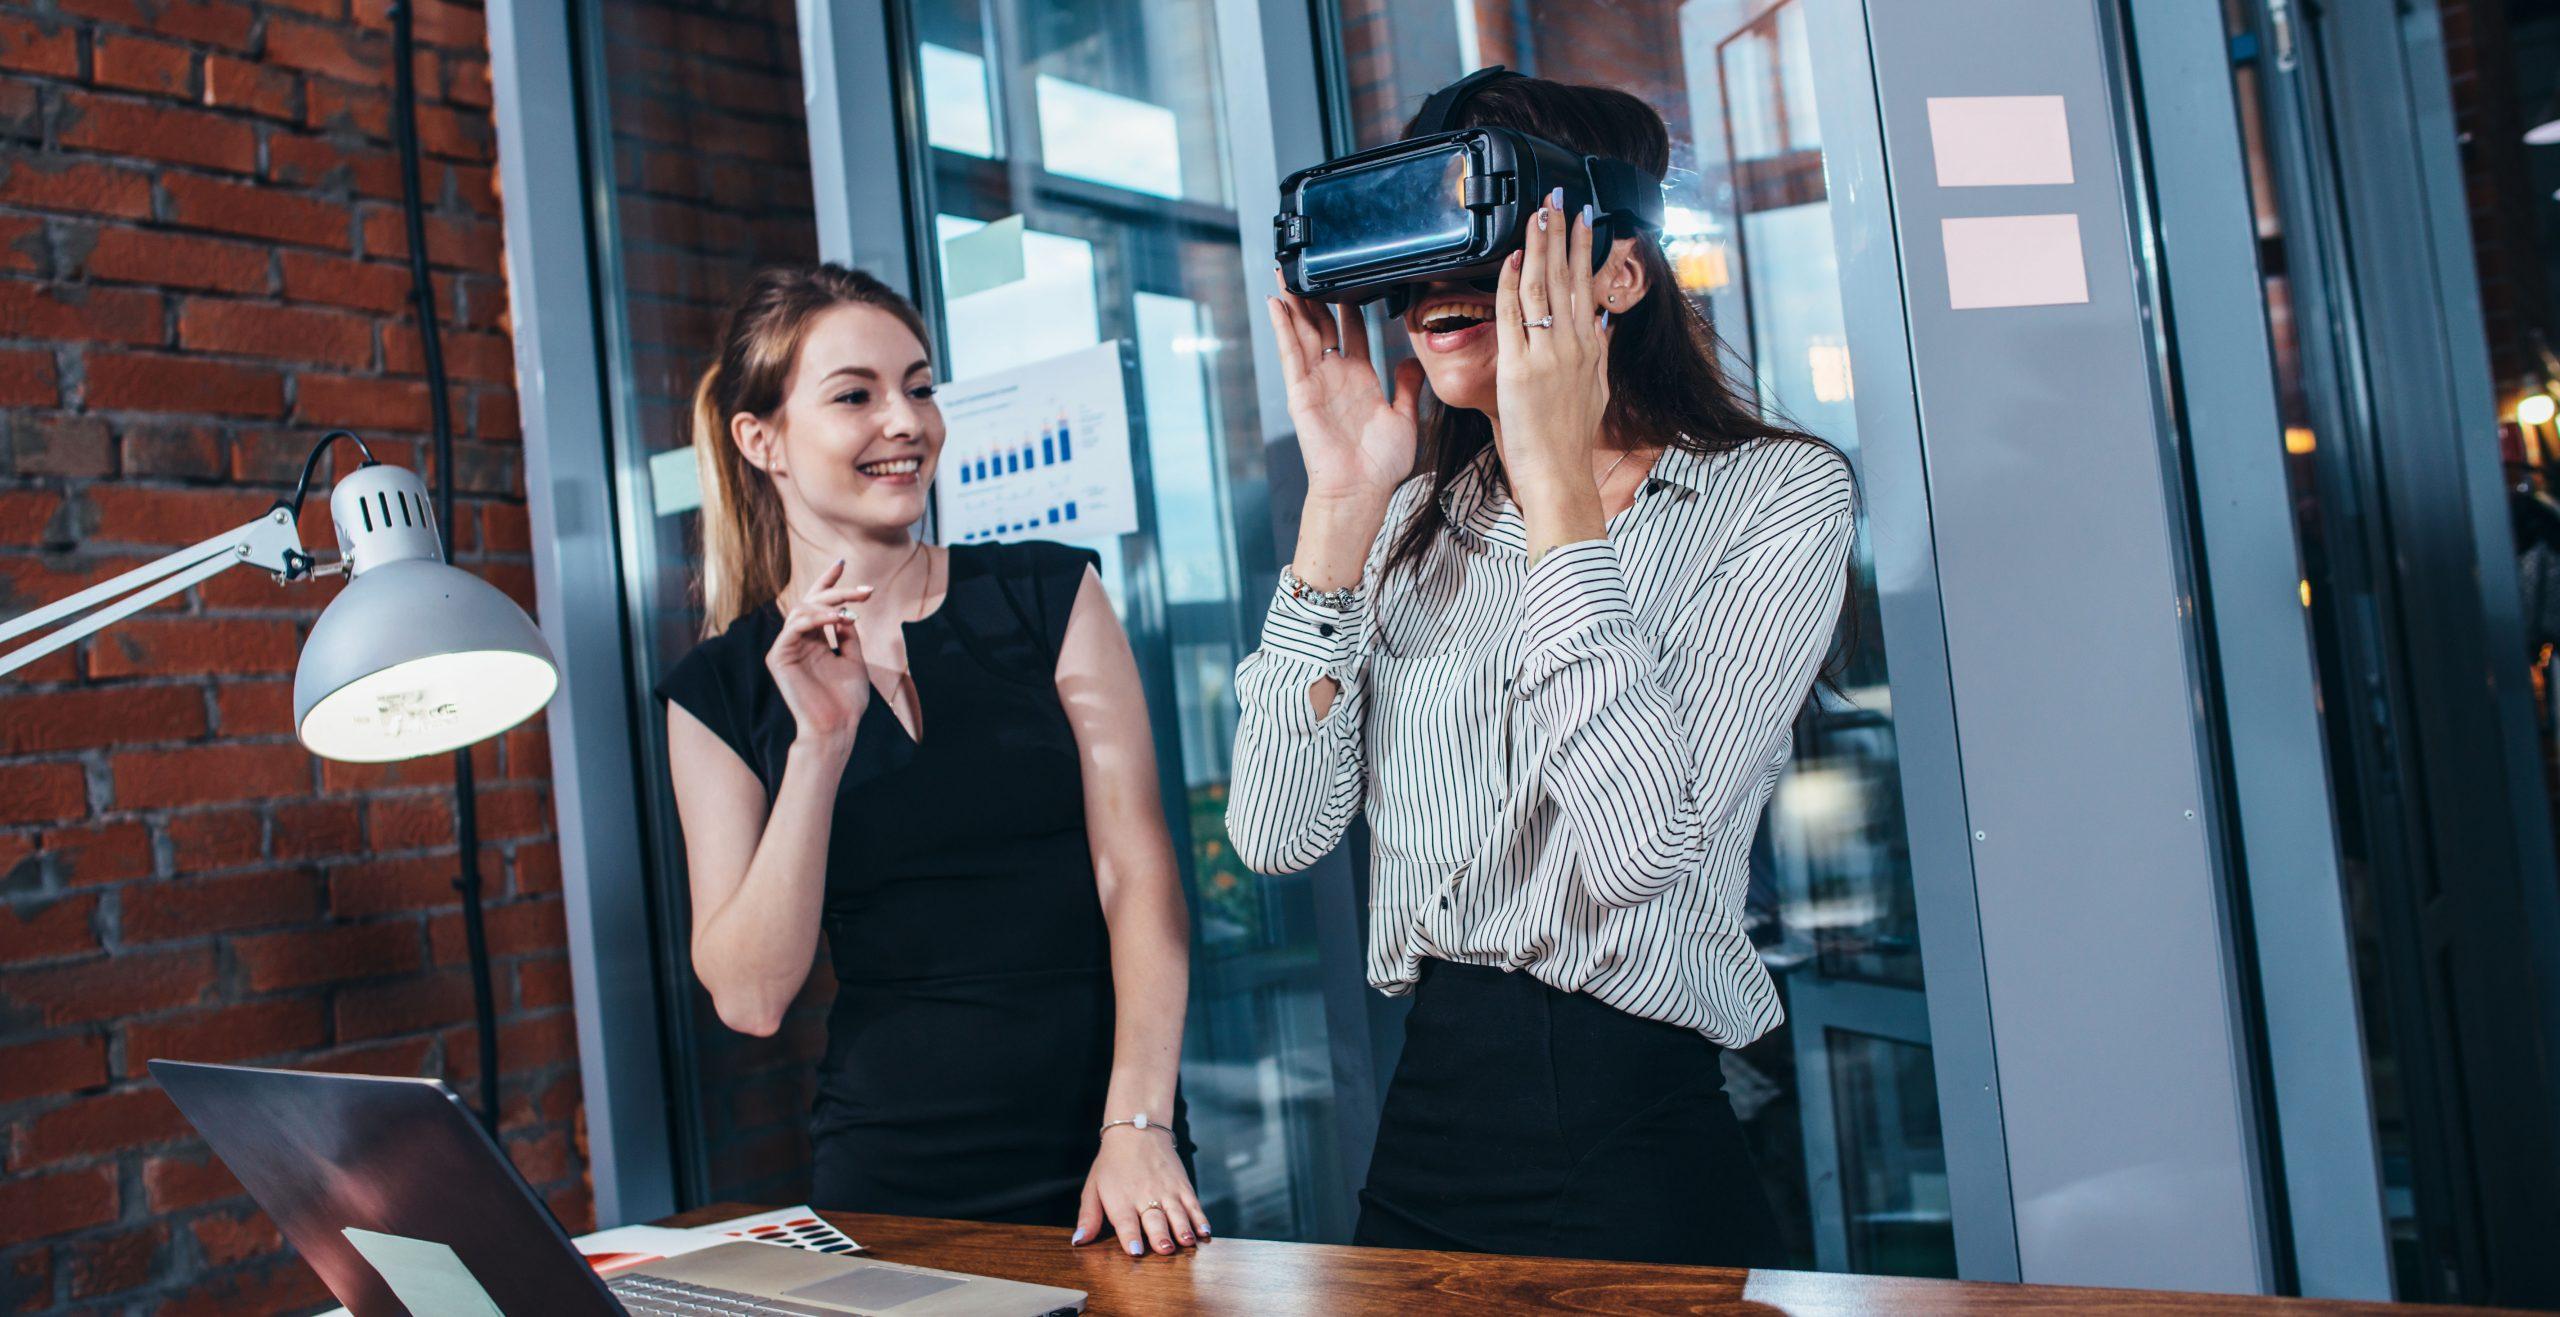 Zwei Frauen mit VR-Brille